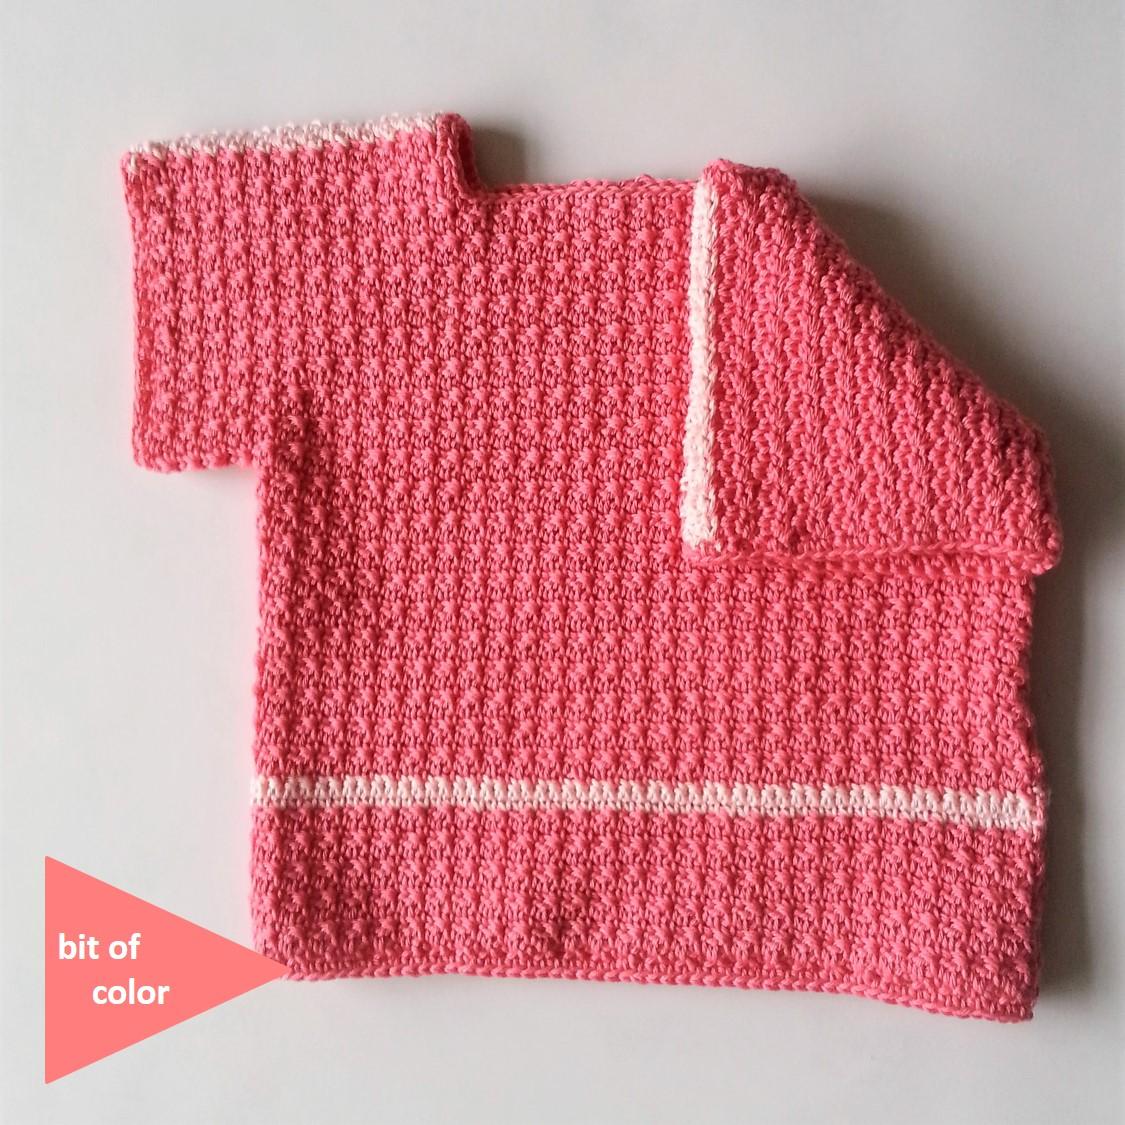 6d19c05ba26726 Bit of Color: Baby Lente Shirtje Gratis Haakpatroon